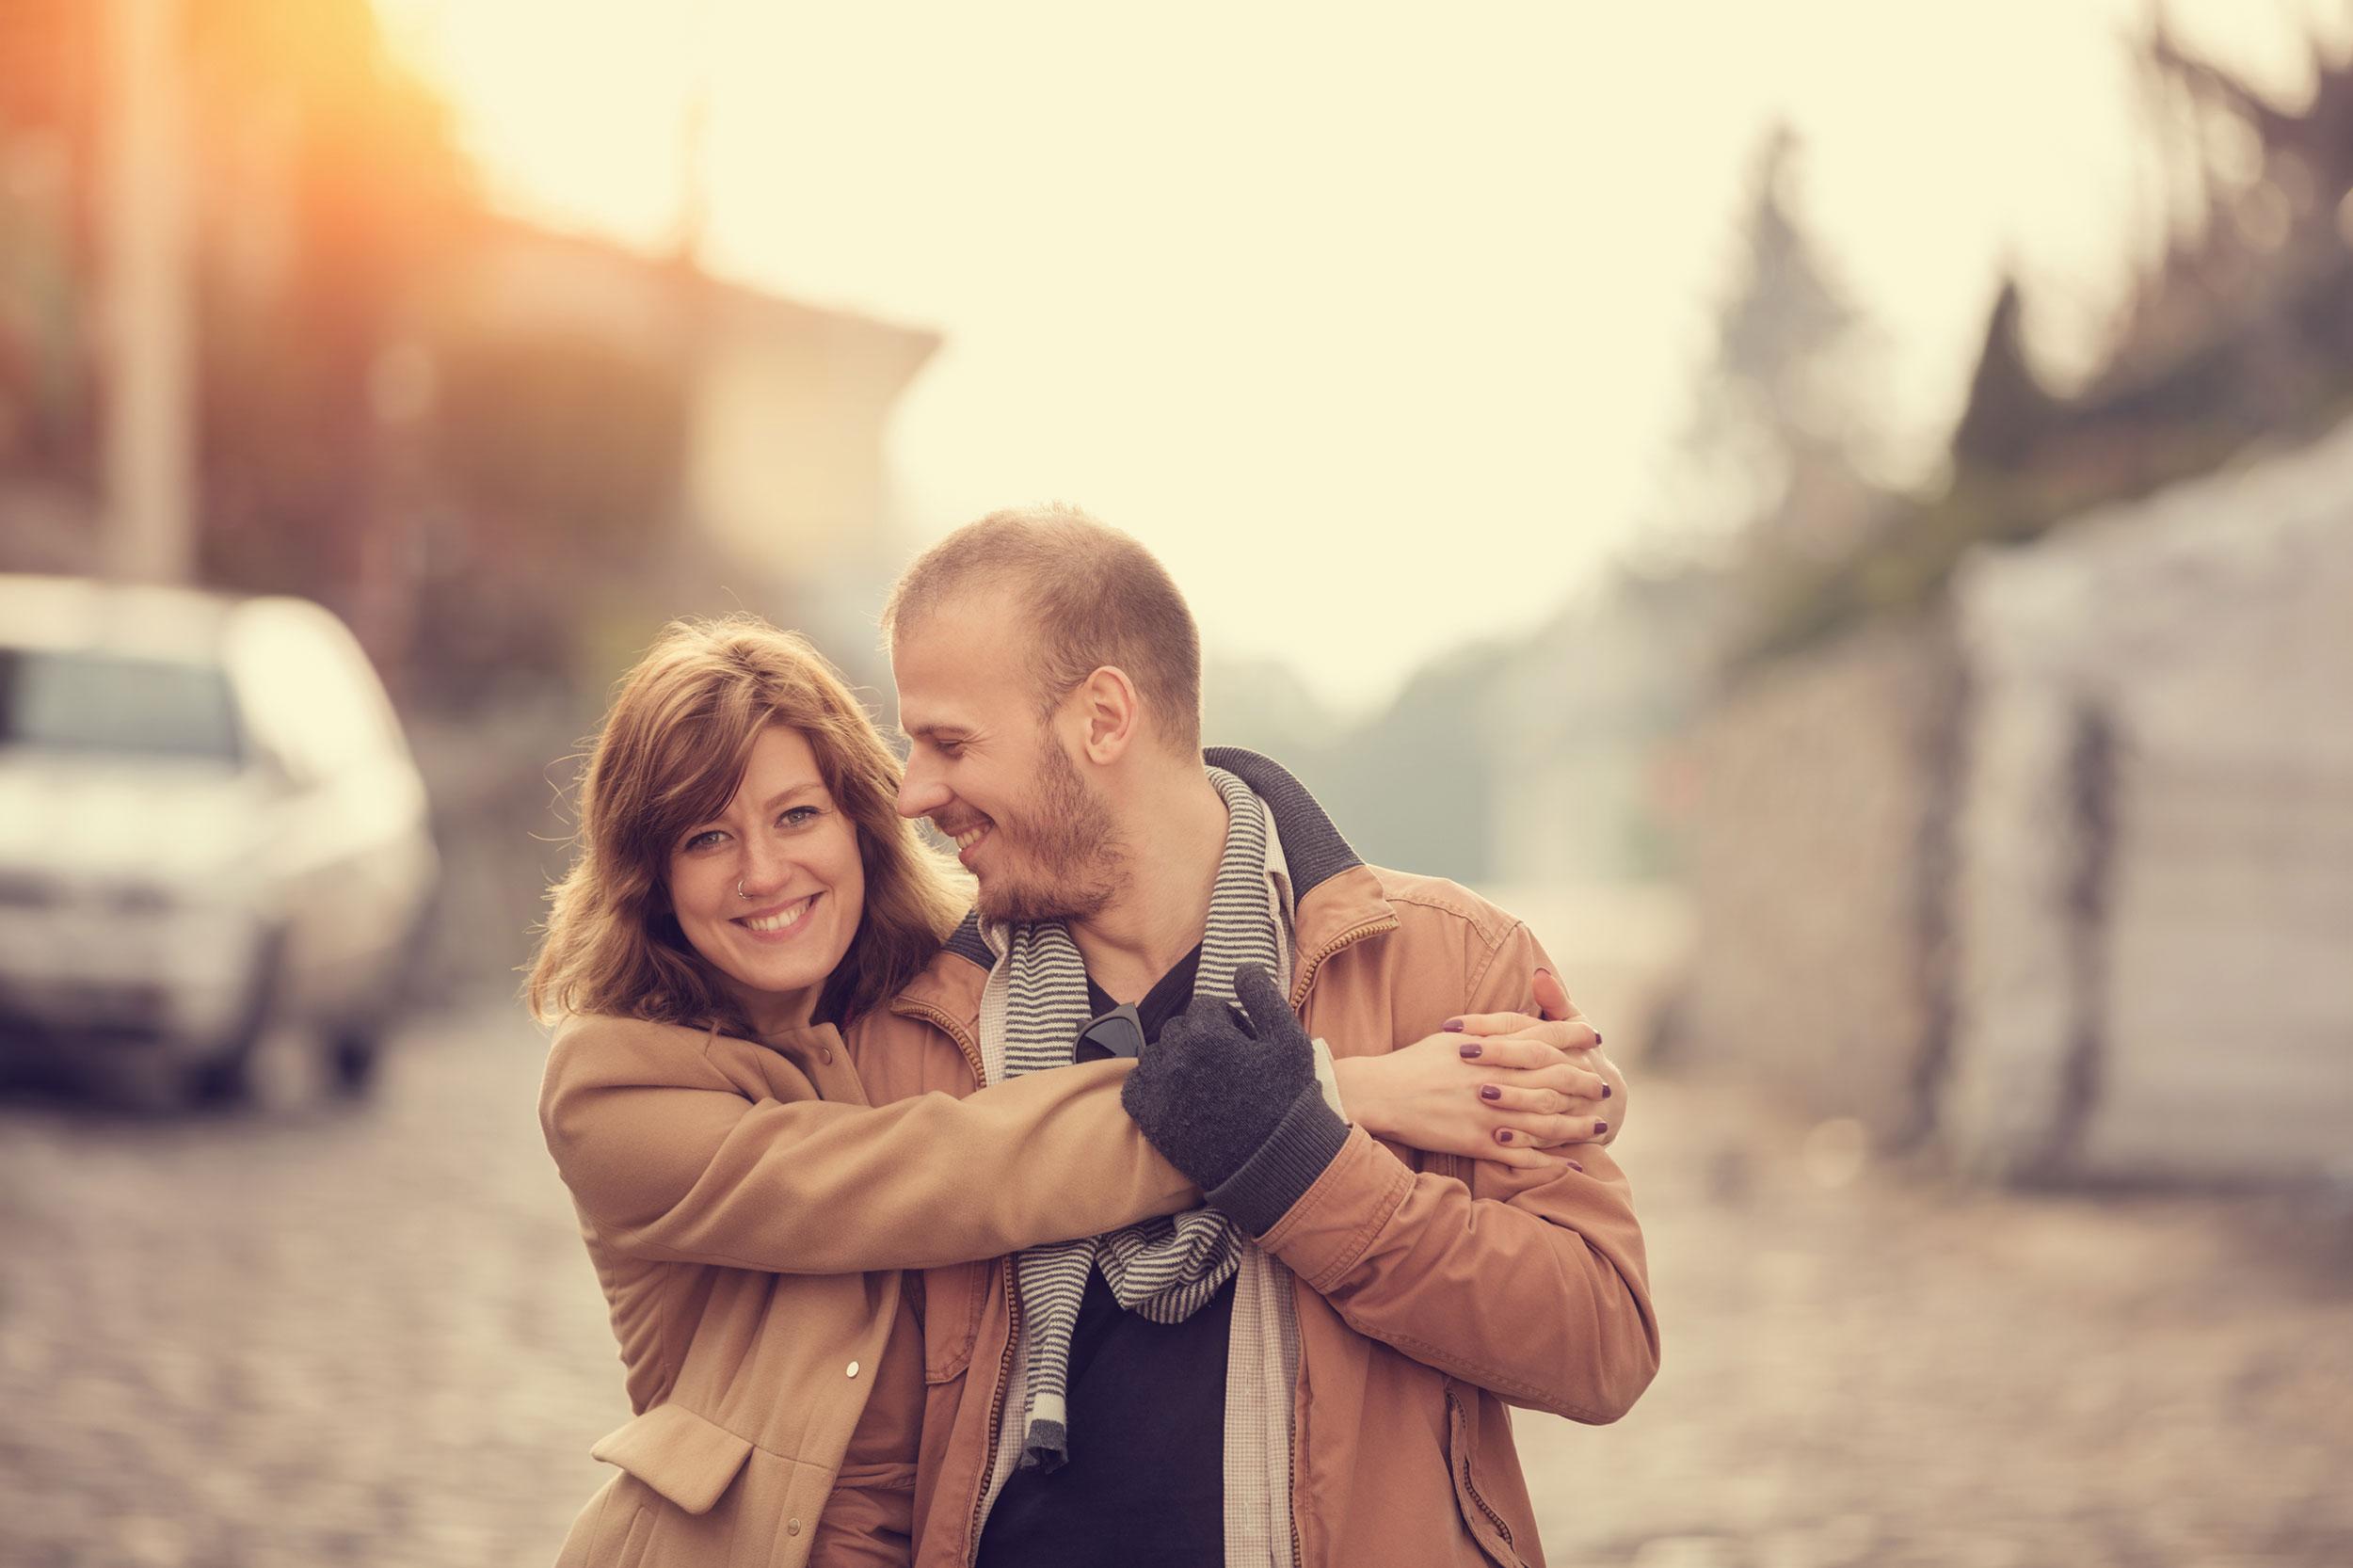 7 habitudes qui permettent aux couples de rester fidèles, selon des conseillers conjugaux post thumbnail image